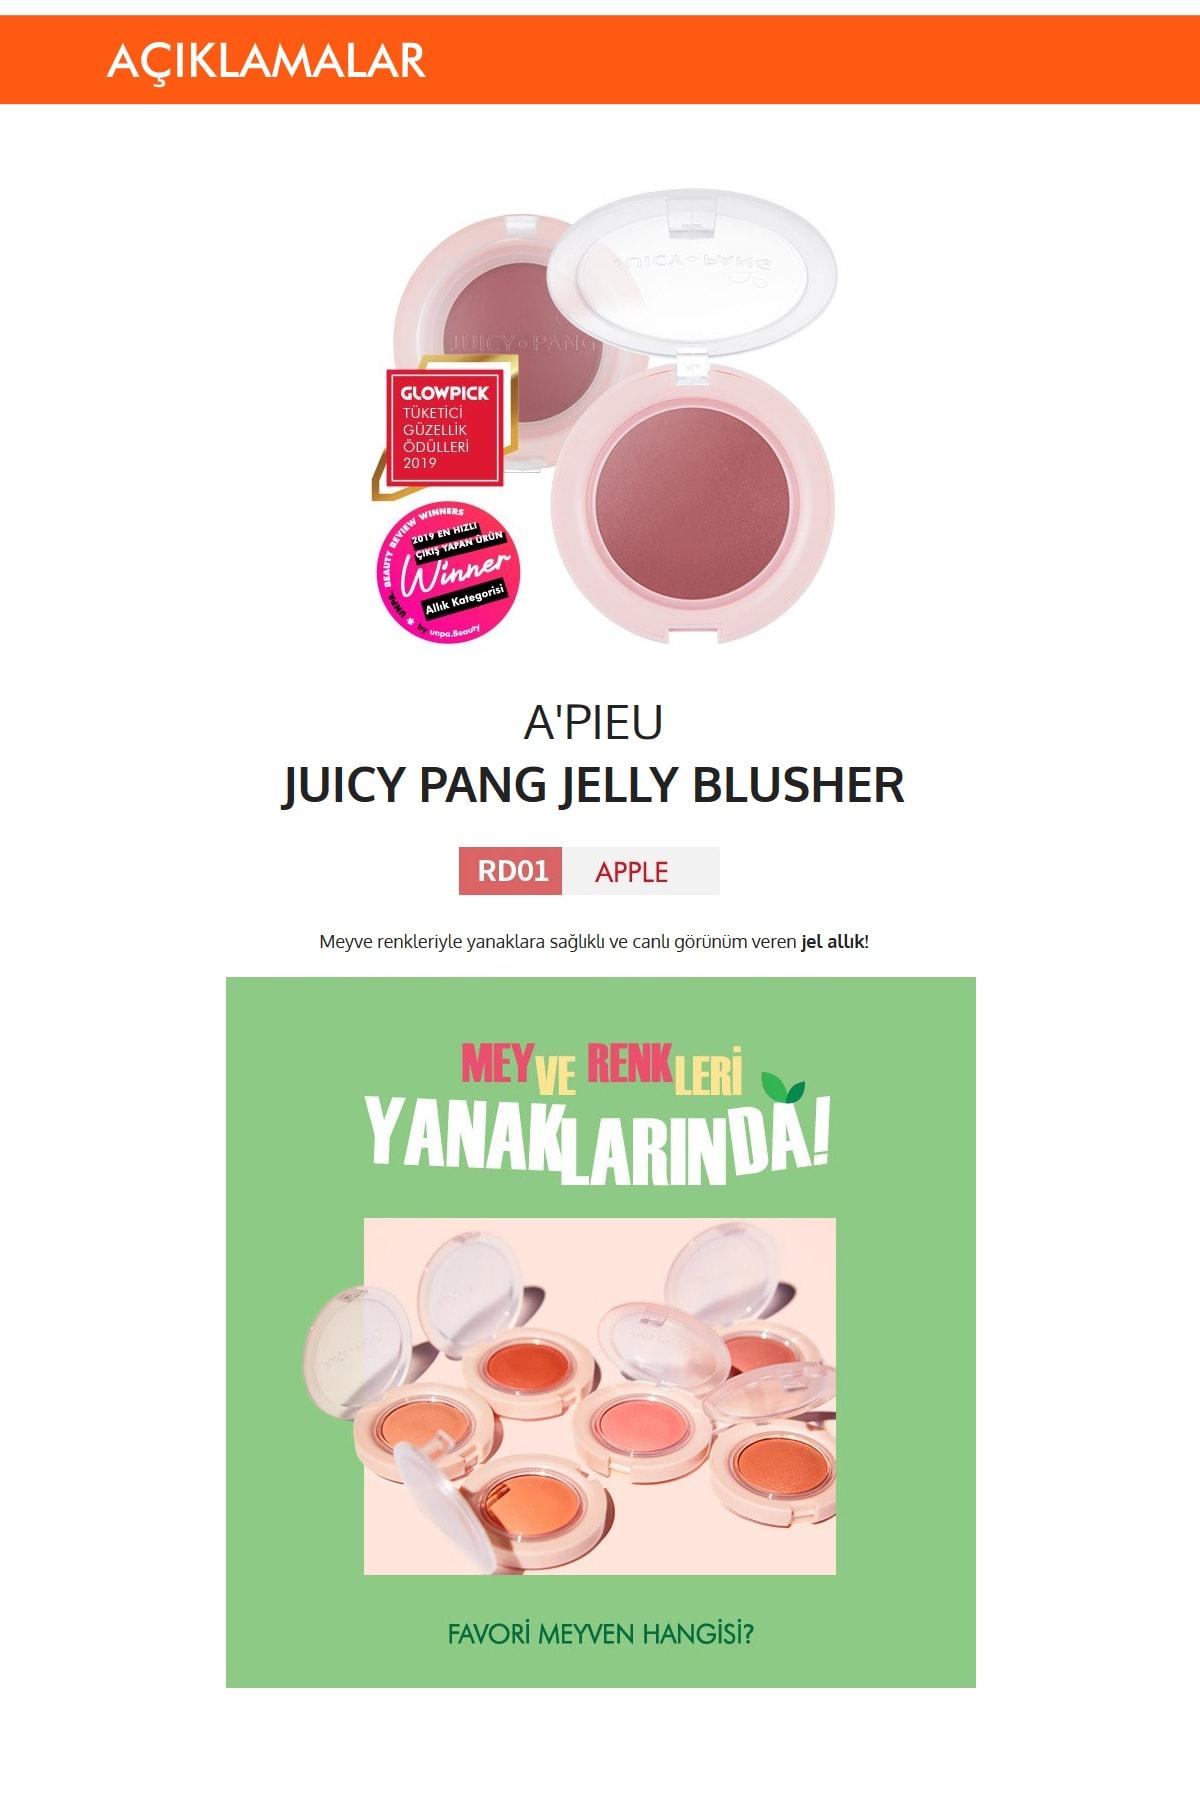 Missha Meyve Tonlarında Doğal Görünümlü Jel Allık APIEU Juicy-Pang Jelly Blusher (RD01) 1